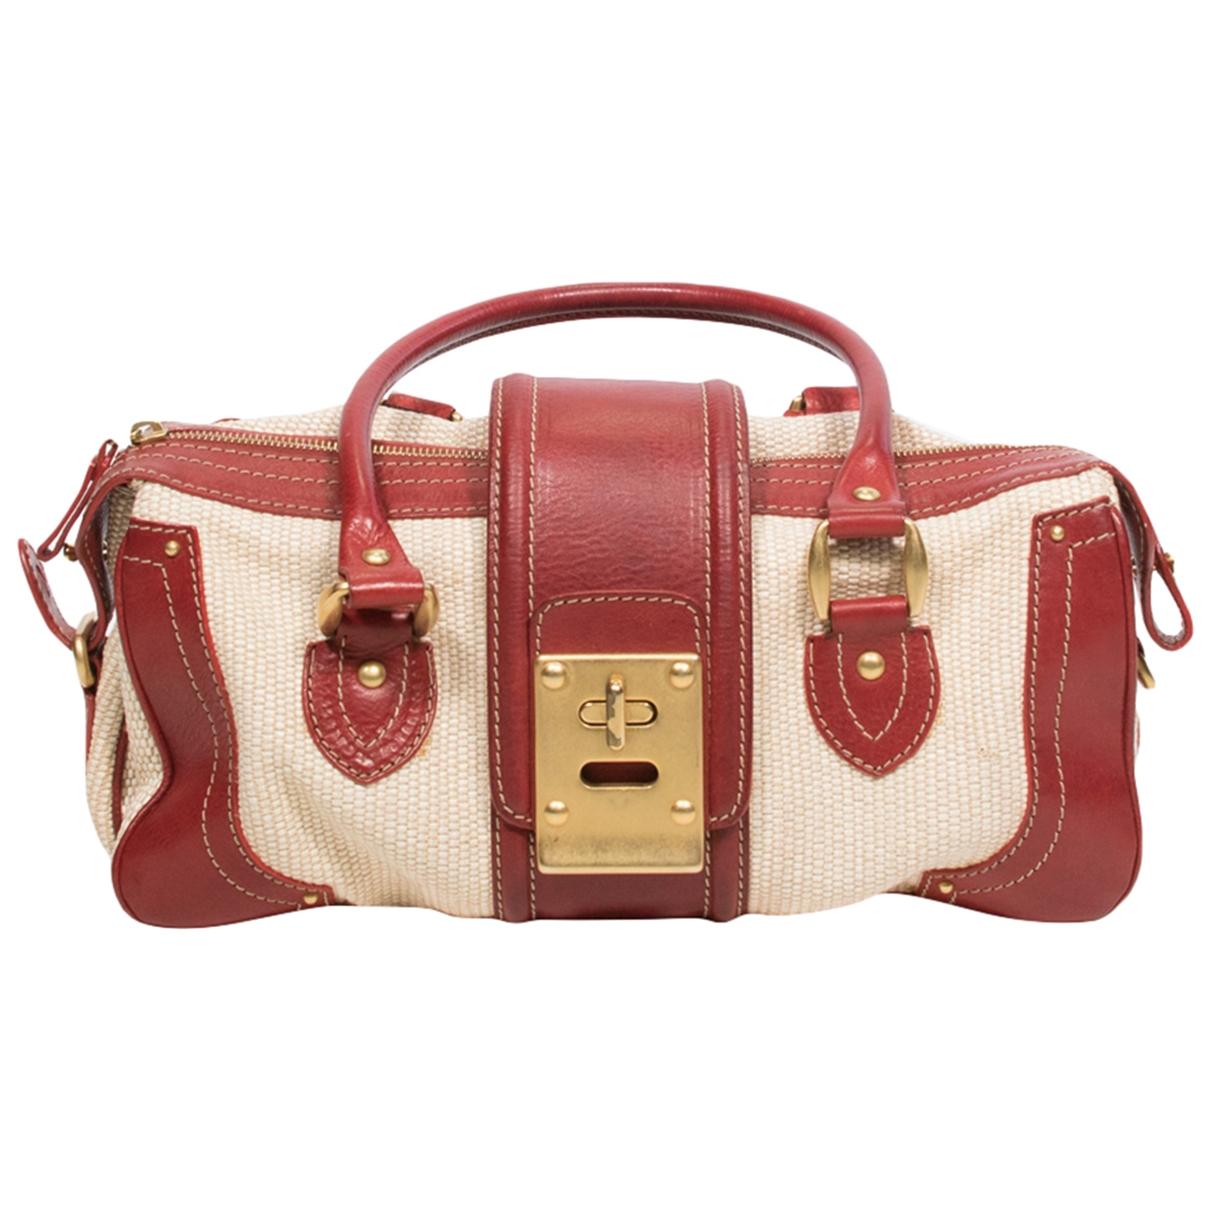 Valentino Garavani \N Handtasche in  Beige Leinen